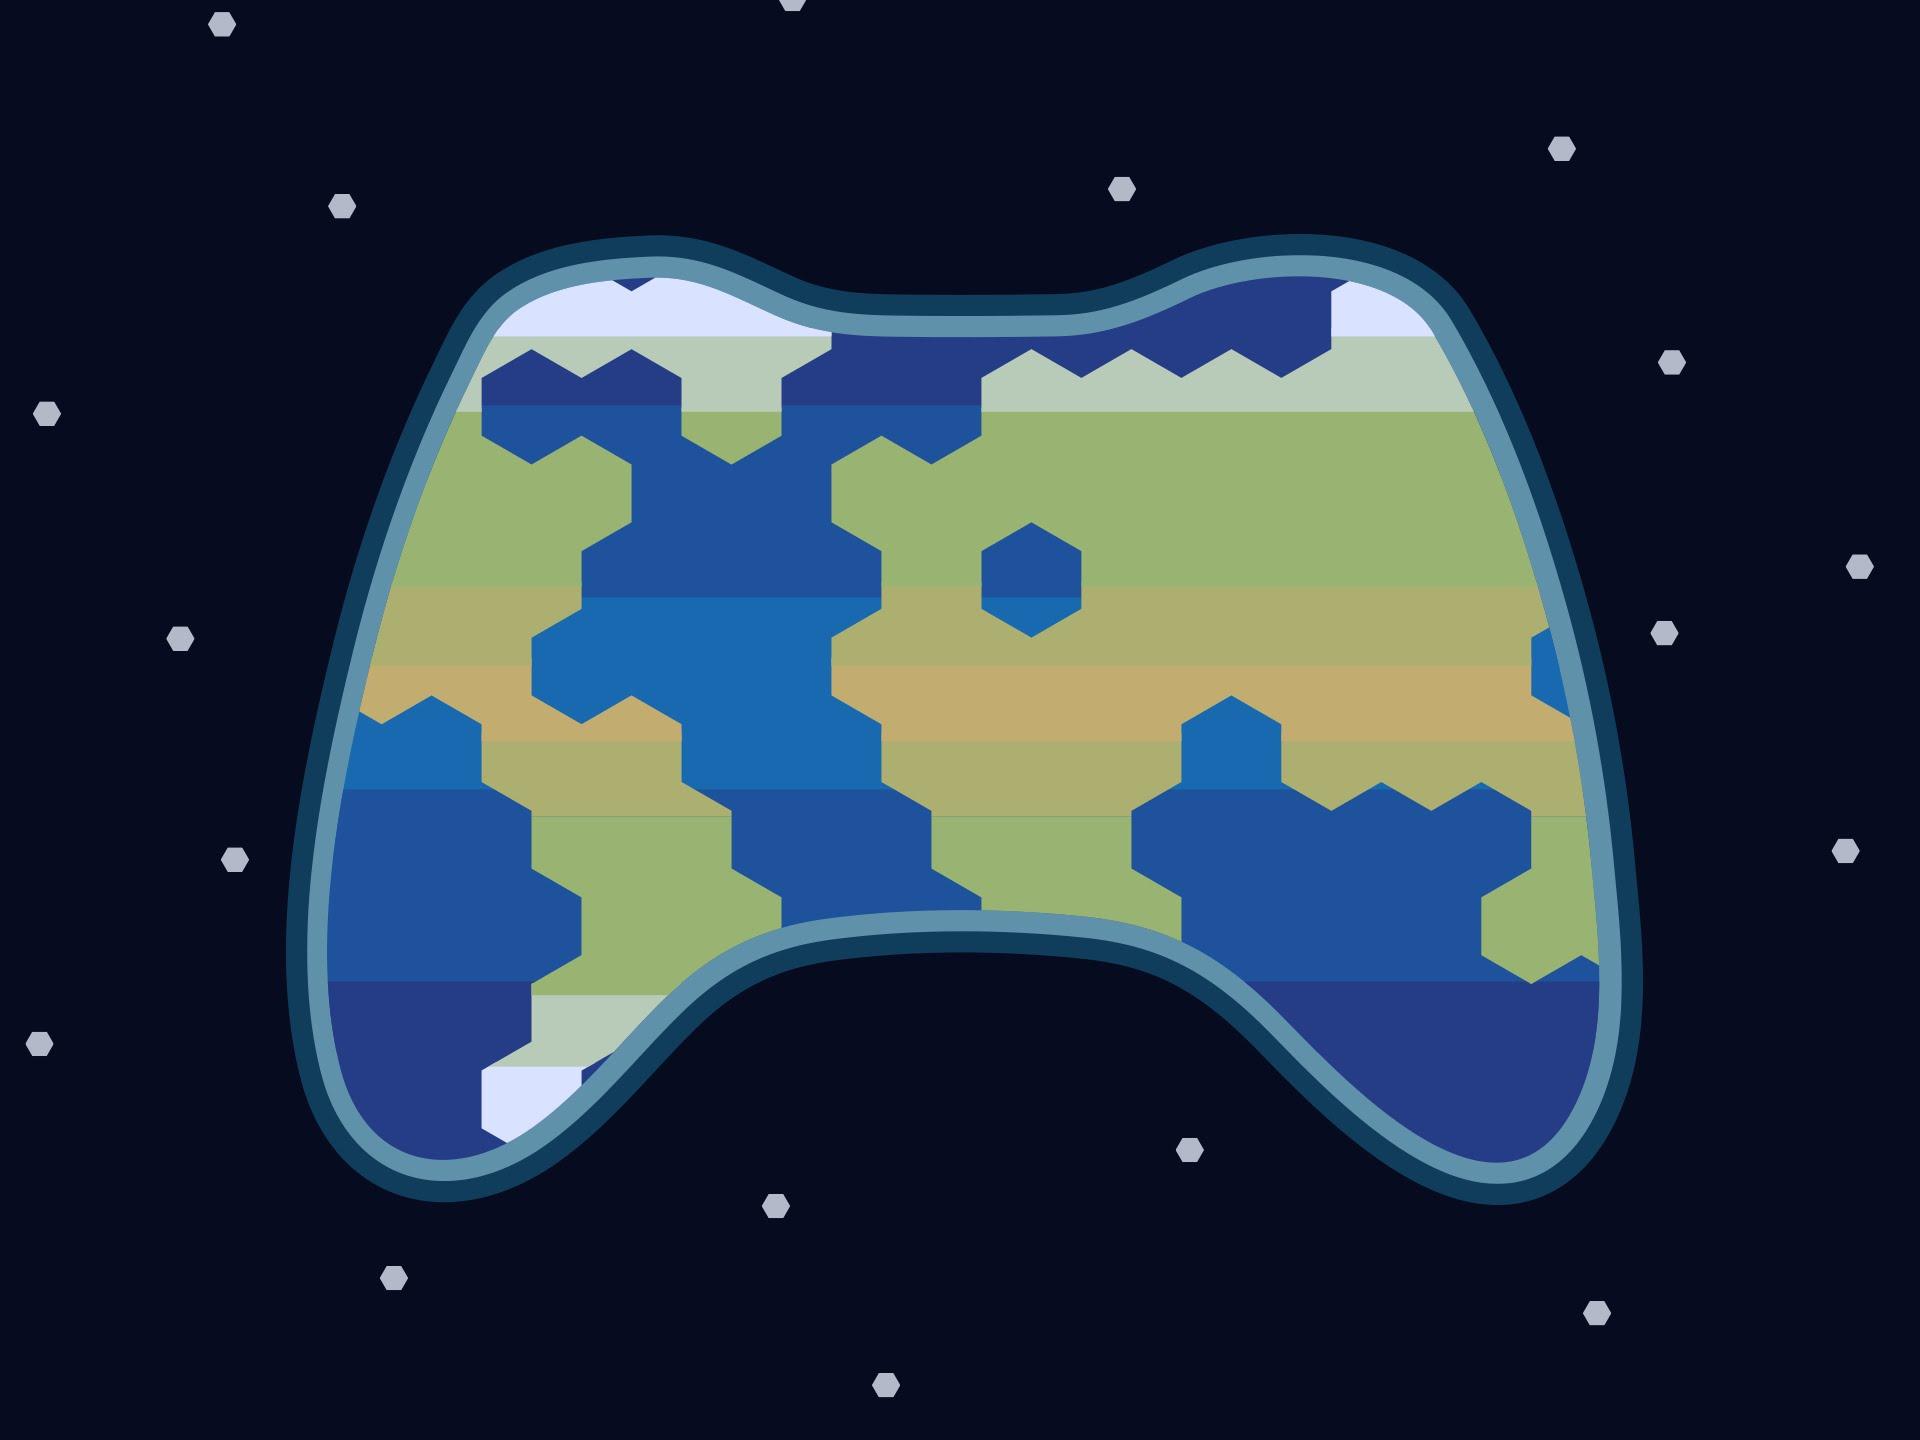 Die kurze Geschichte der Open-World-Games